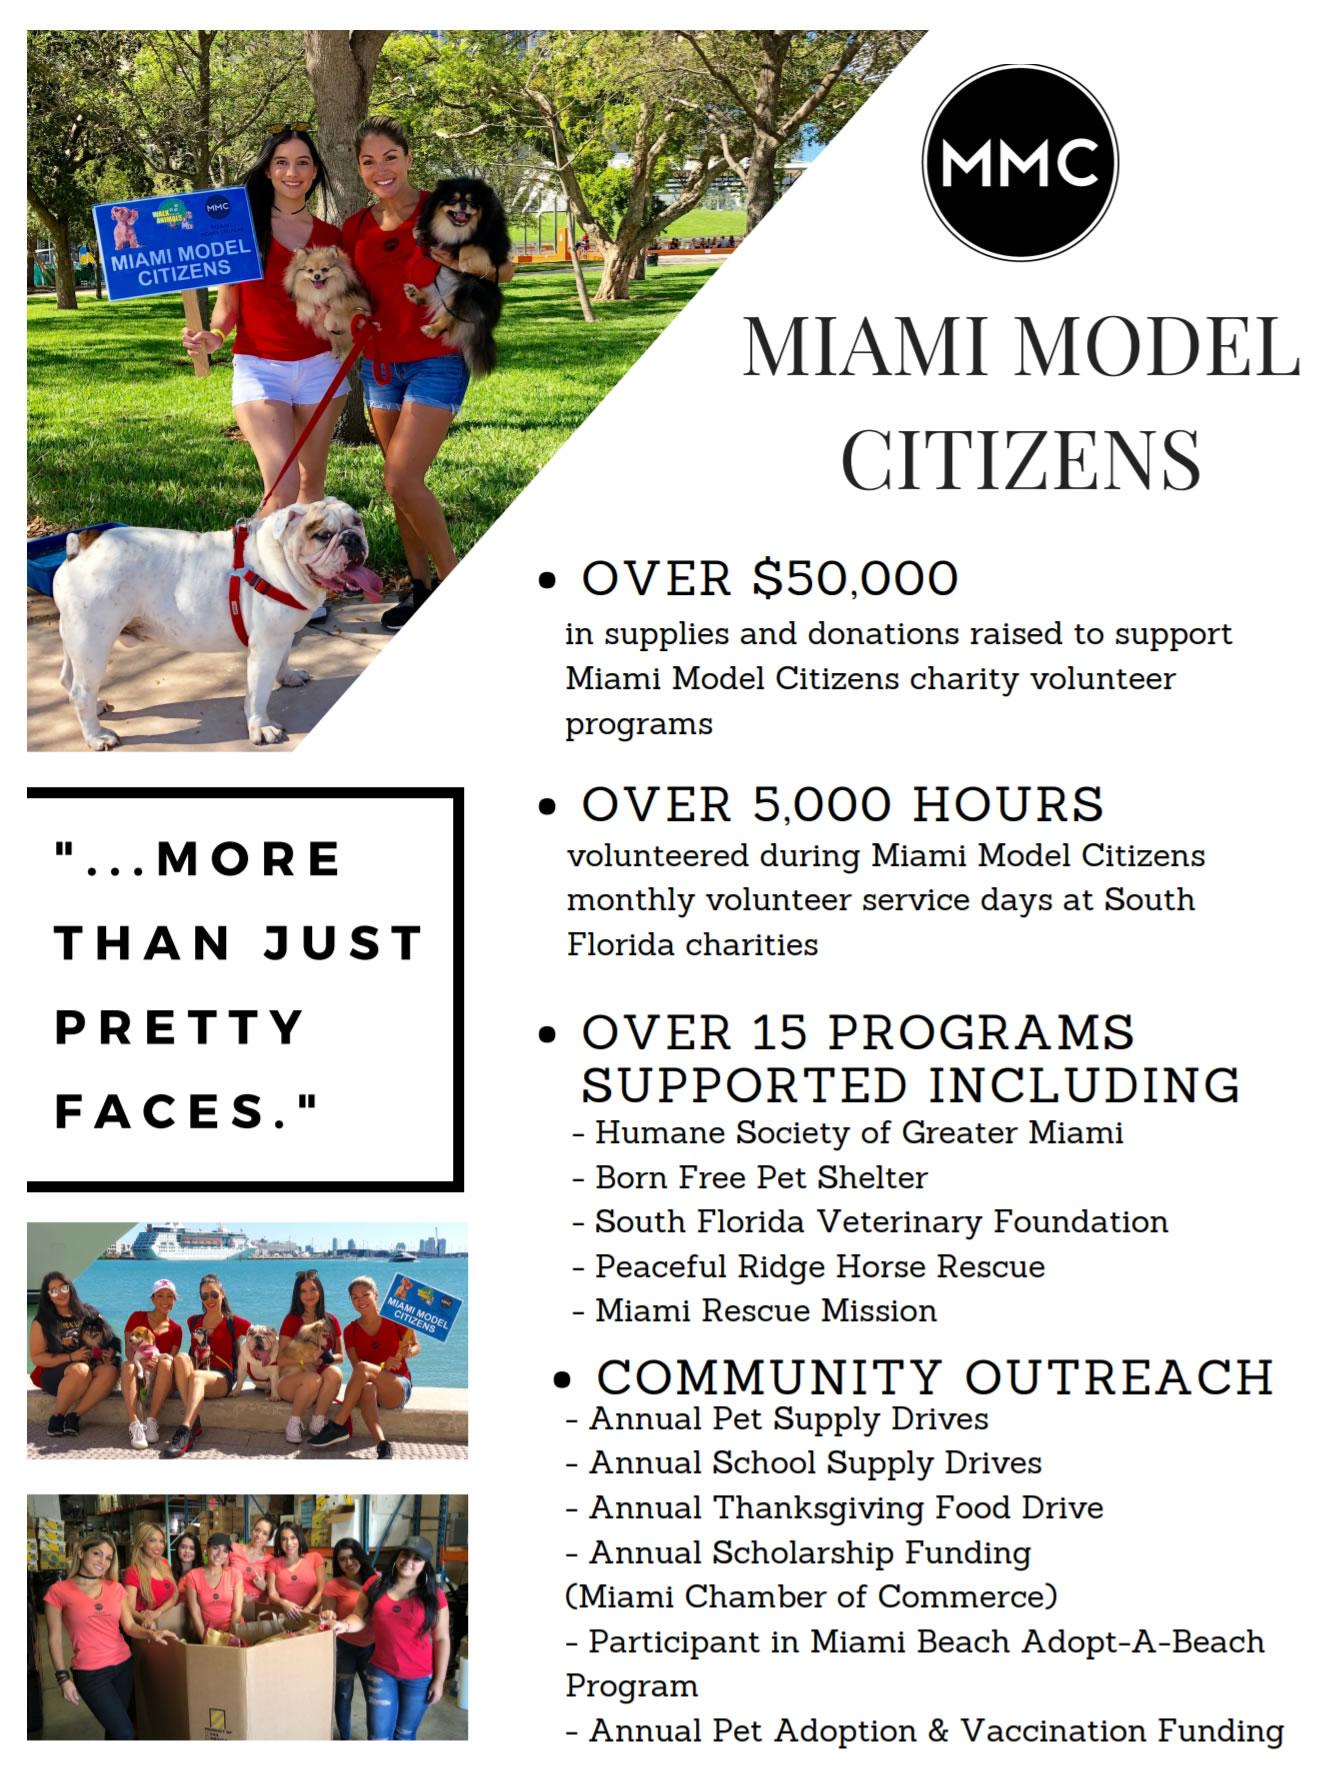 miami-model-citizens-charity-foundation